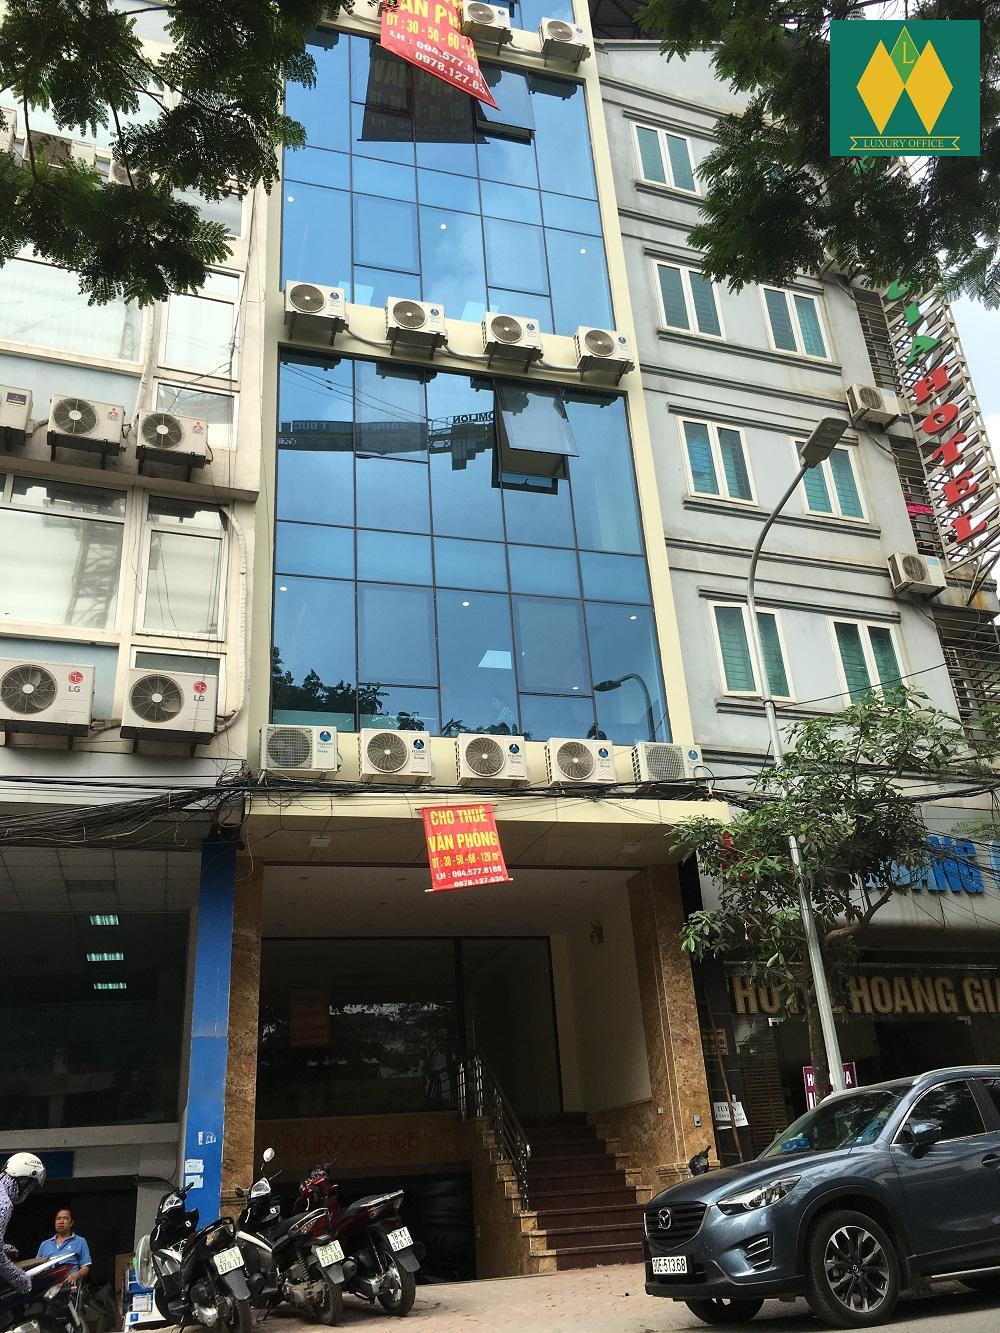 Cho thuê văn phòng trên đường Trần Thái Tông